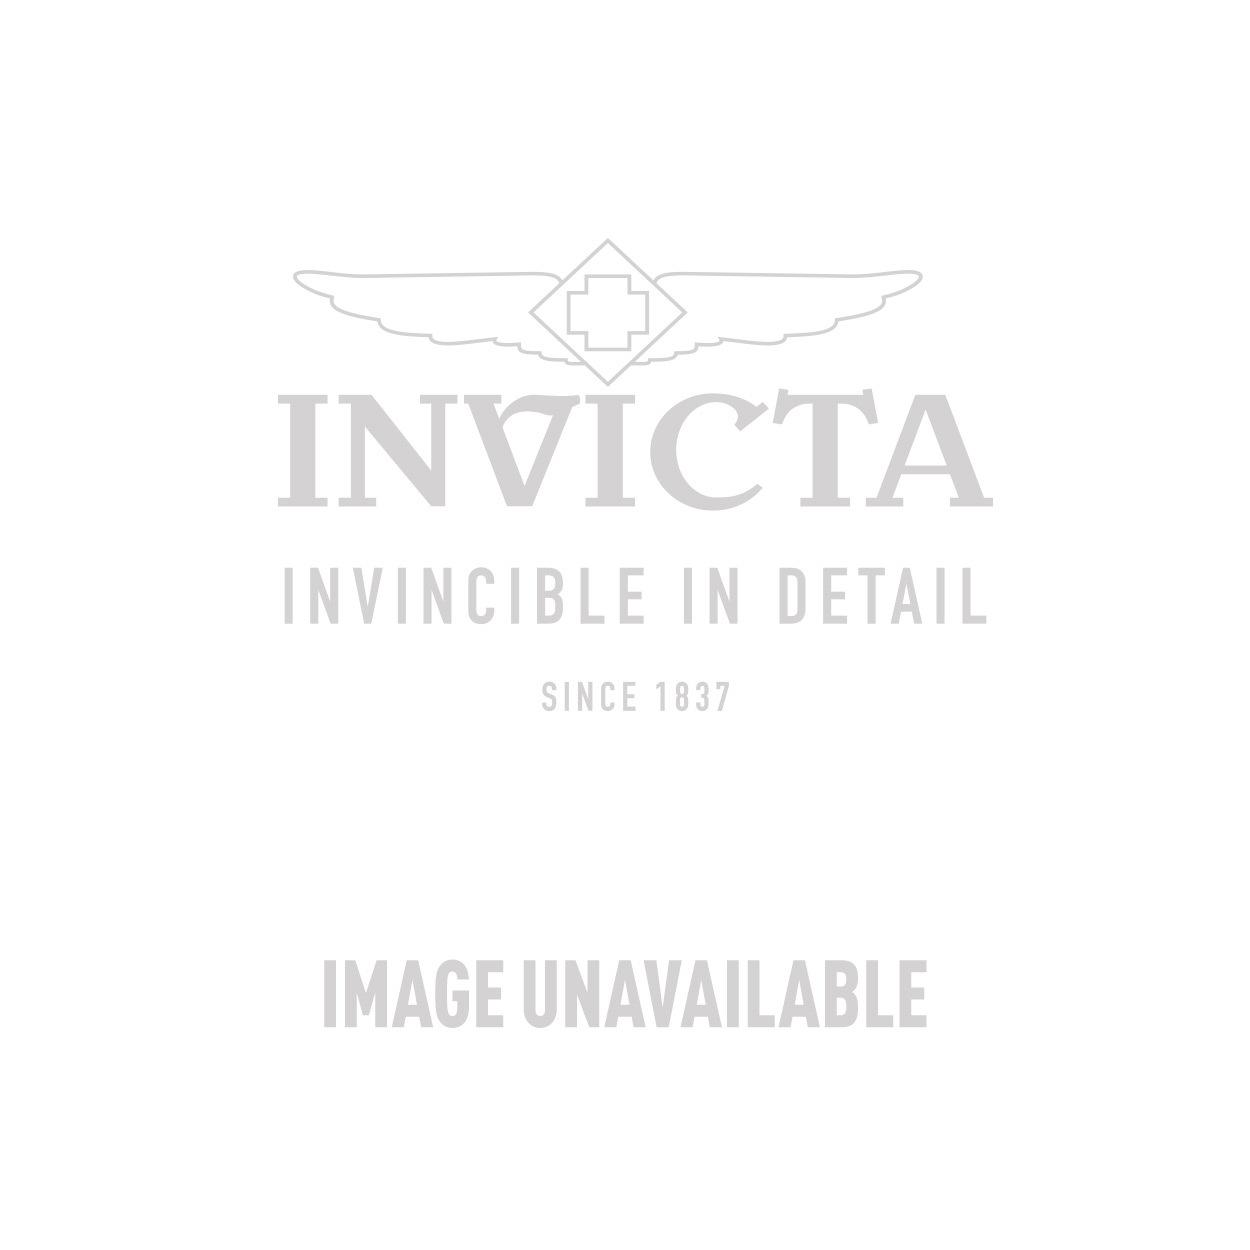 Invicta Model 22819